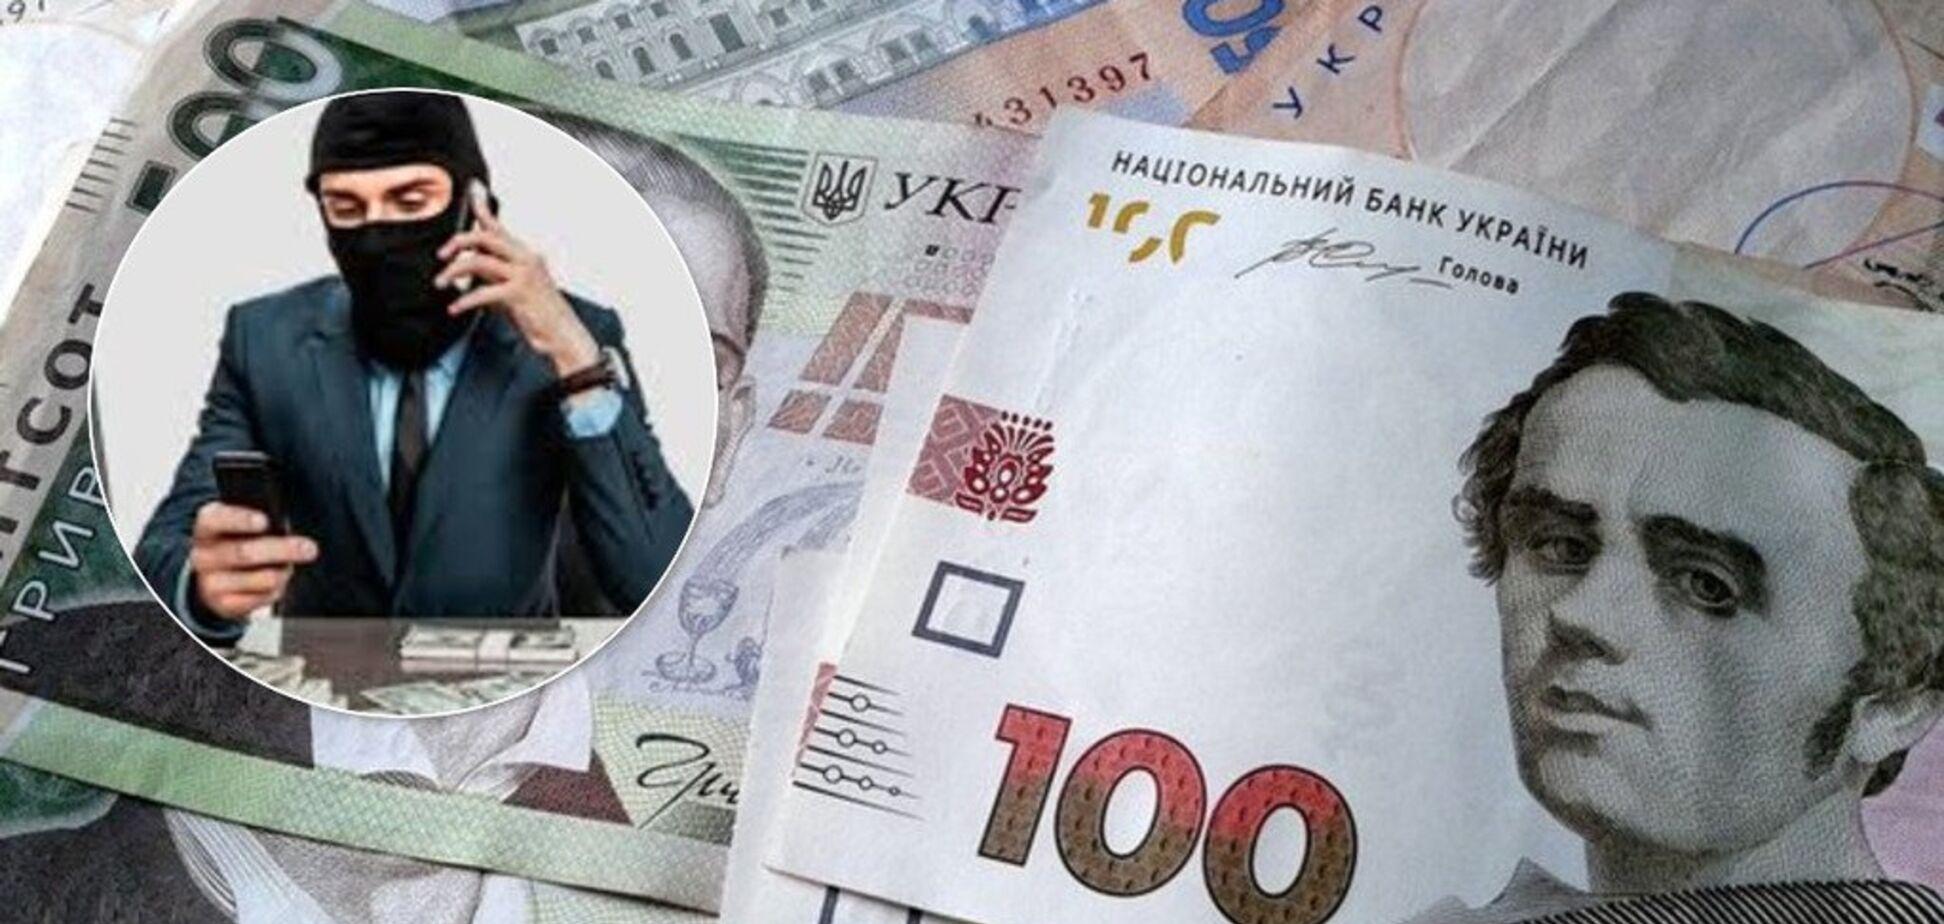 У метро і на ринках: як українцям збувають фальшиві гроші та чого остерігатися надалі